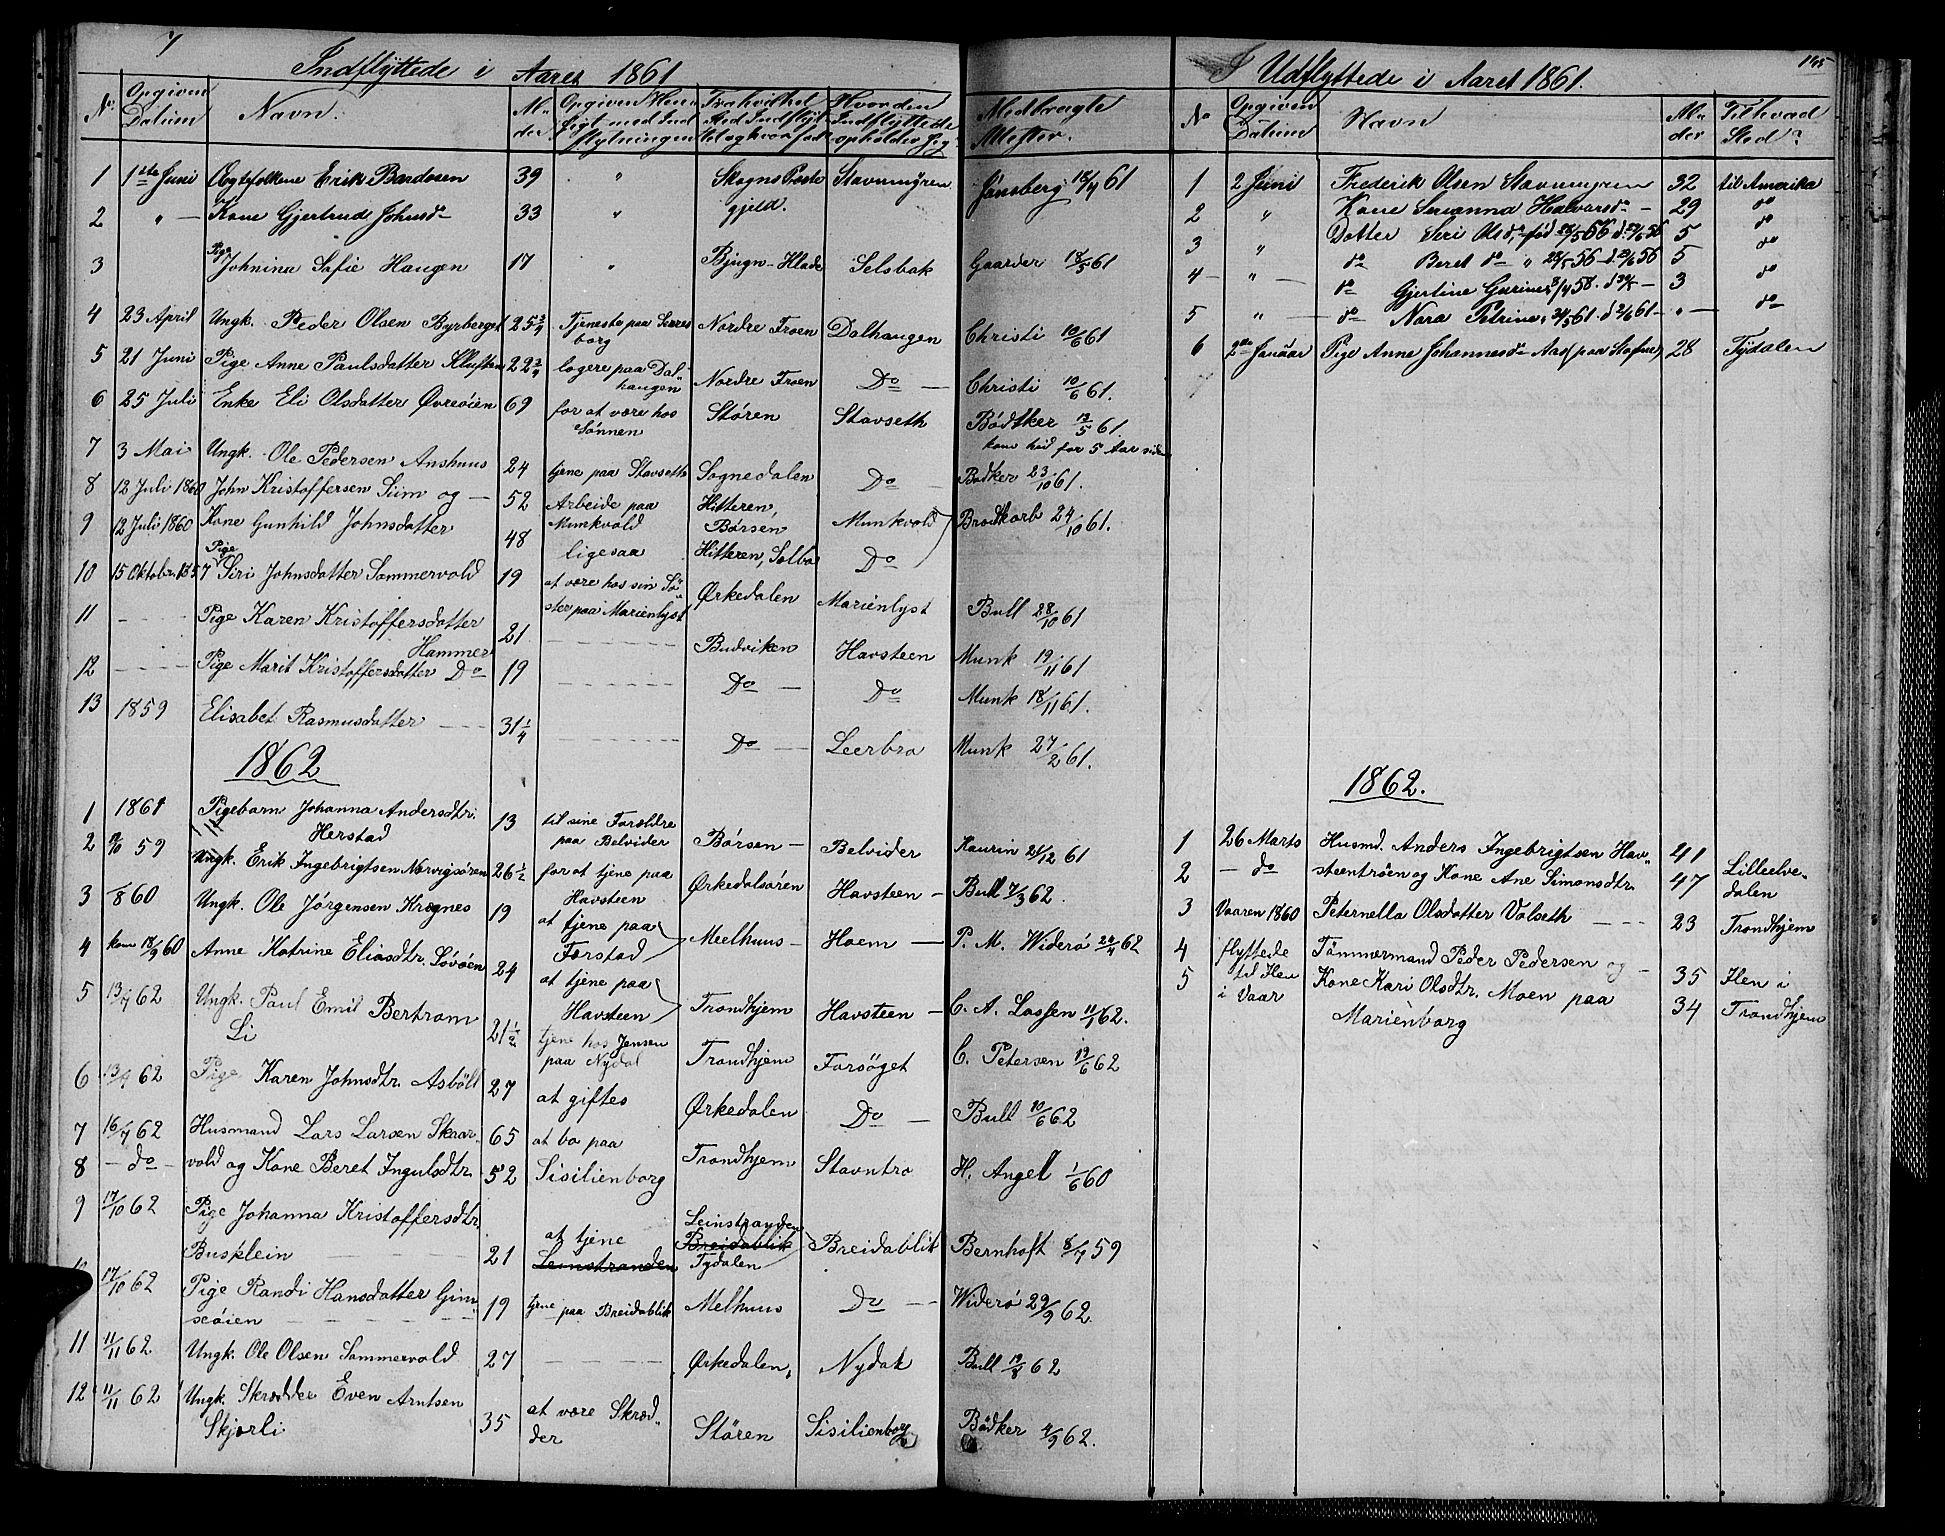 SAT, Ministerialprotokoller, klokkerbøker og fødselsregistre - Sør-Trøndelag, 611/L0353: Klokkerbok nr. 611C01, 1854-1881, s. 145